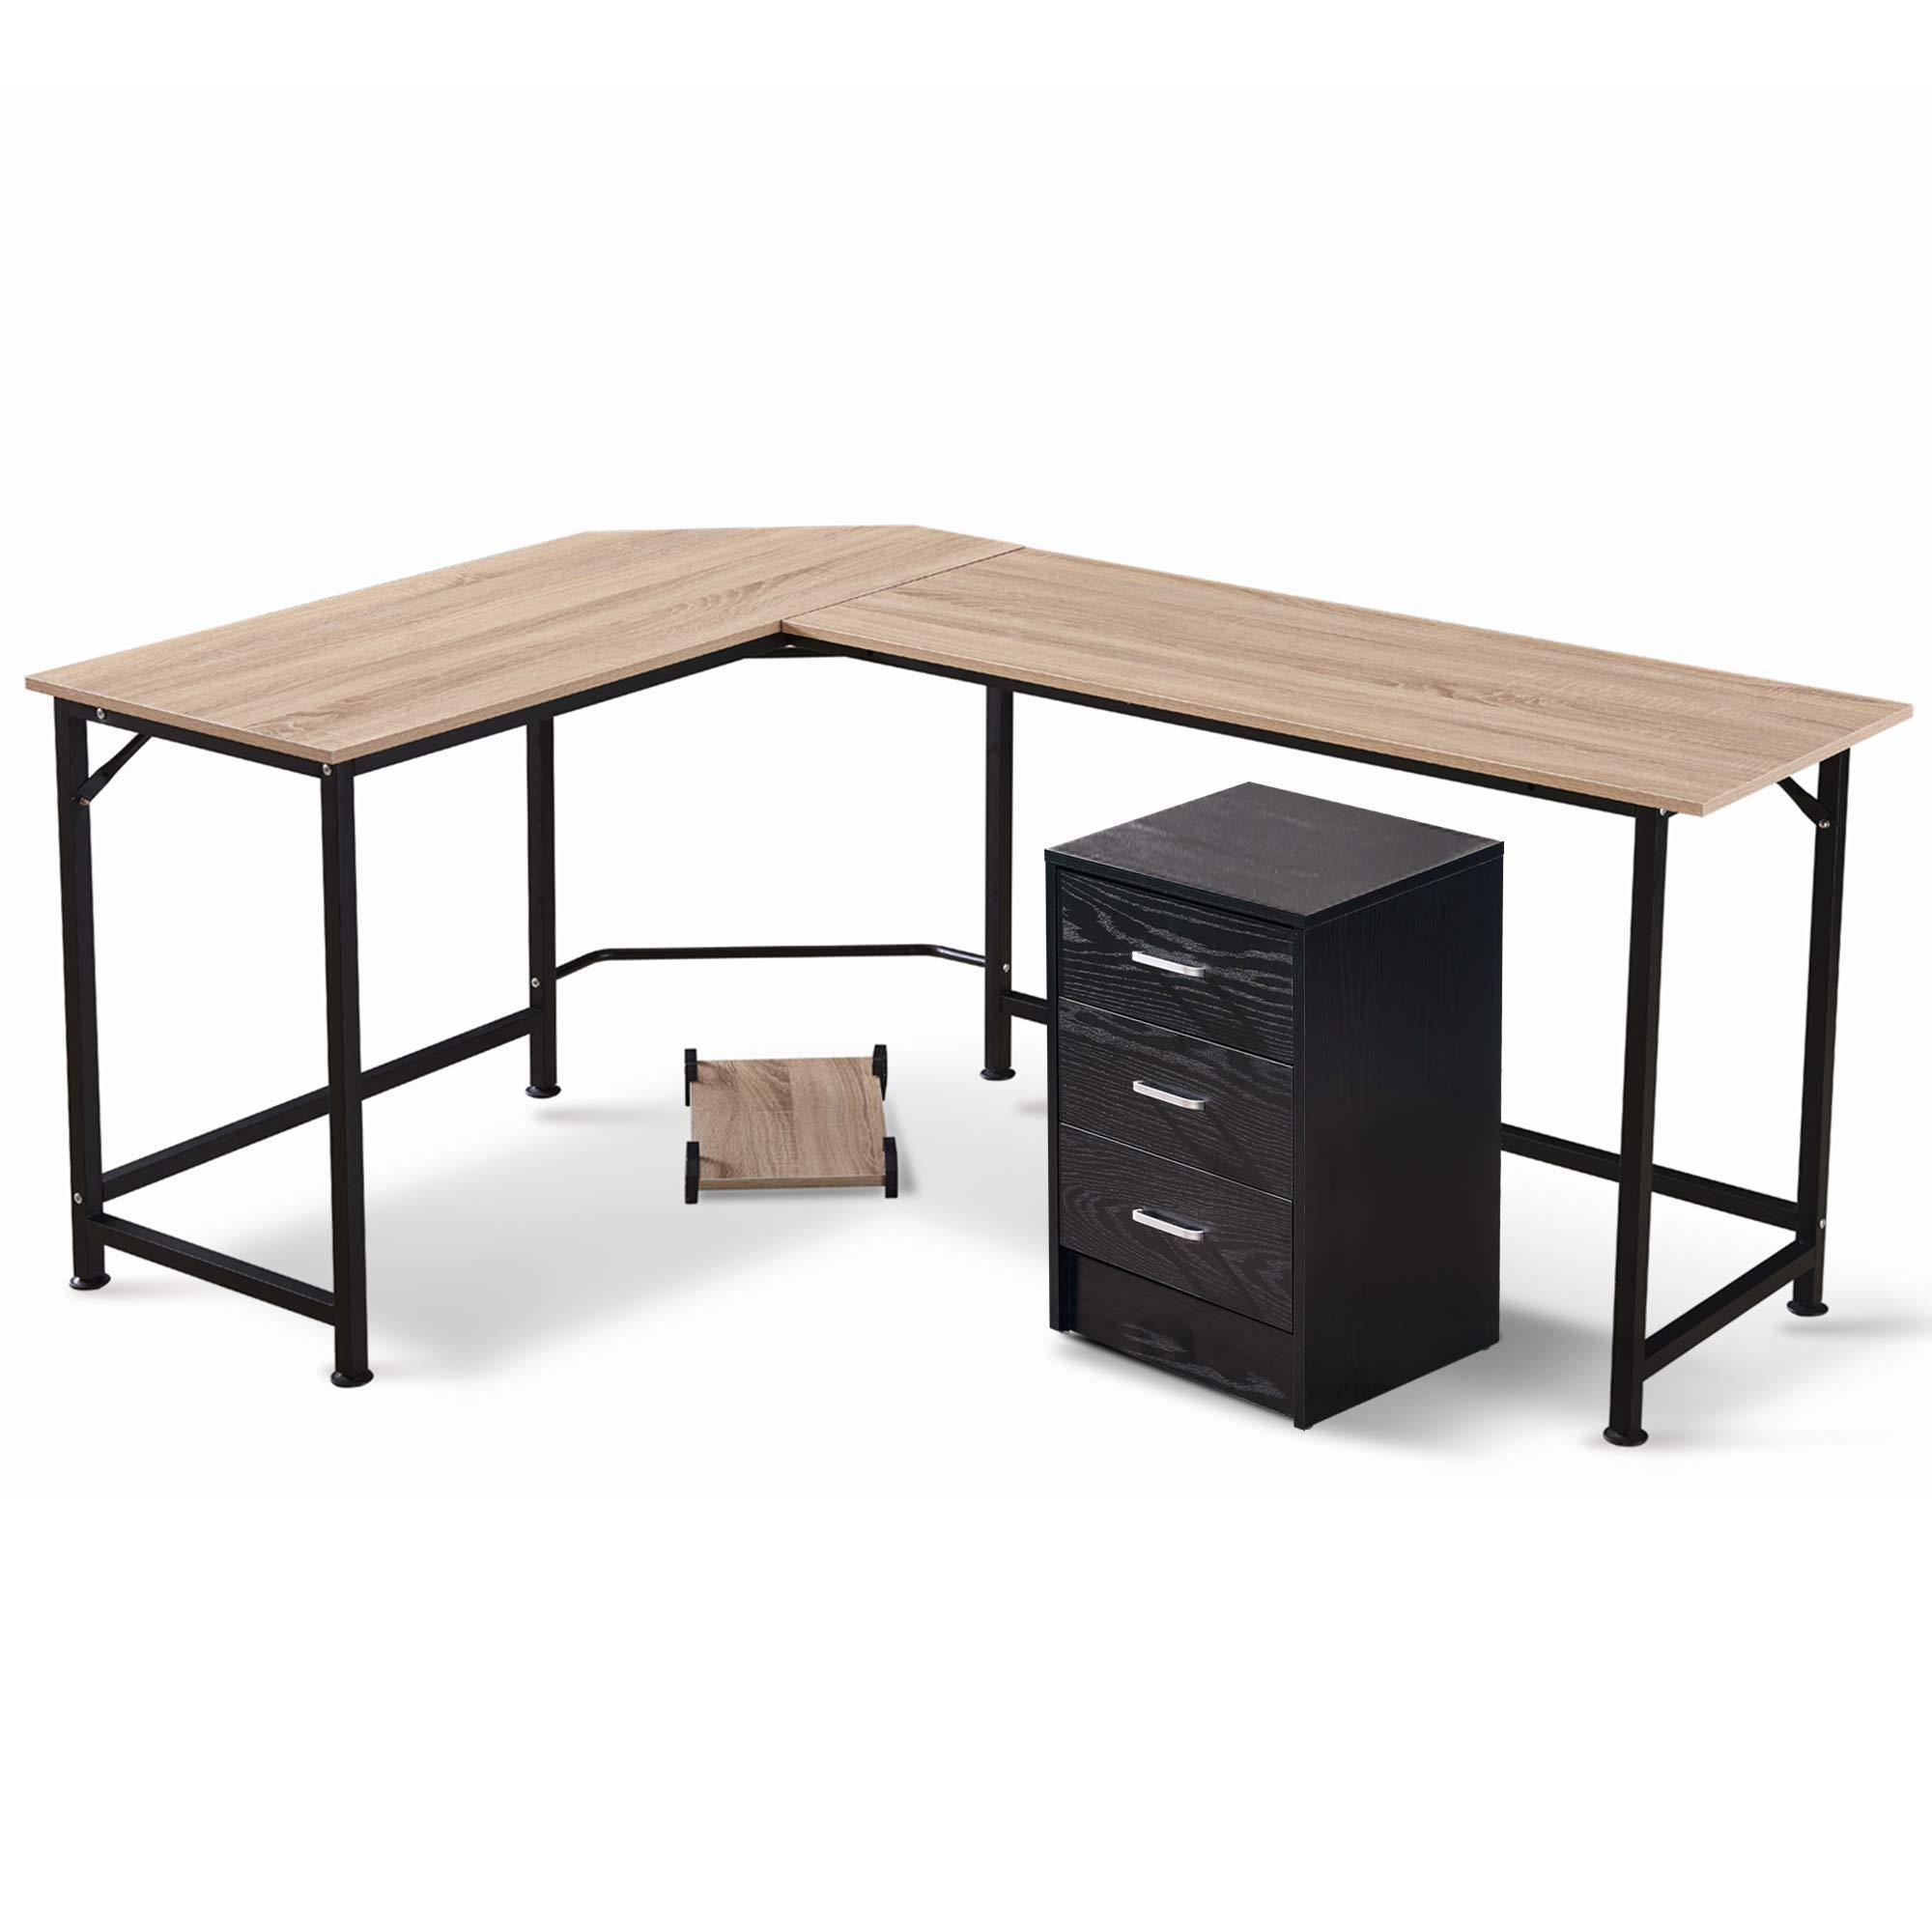 MCombo Corner Desk L-Shaped Desk with File Drawer Home Office Set Office Desk (White Desk, Black File Drawer)